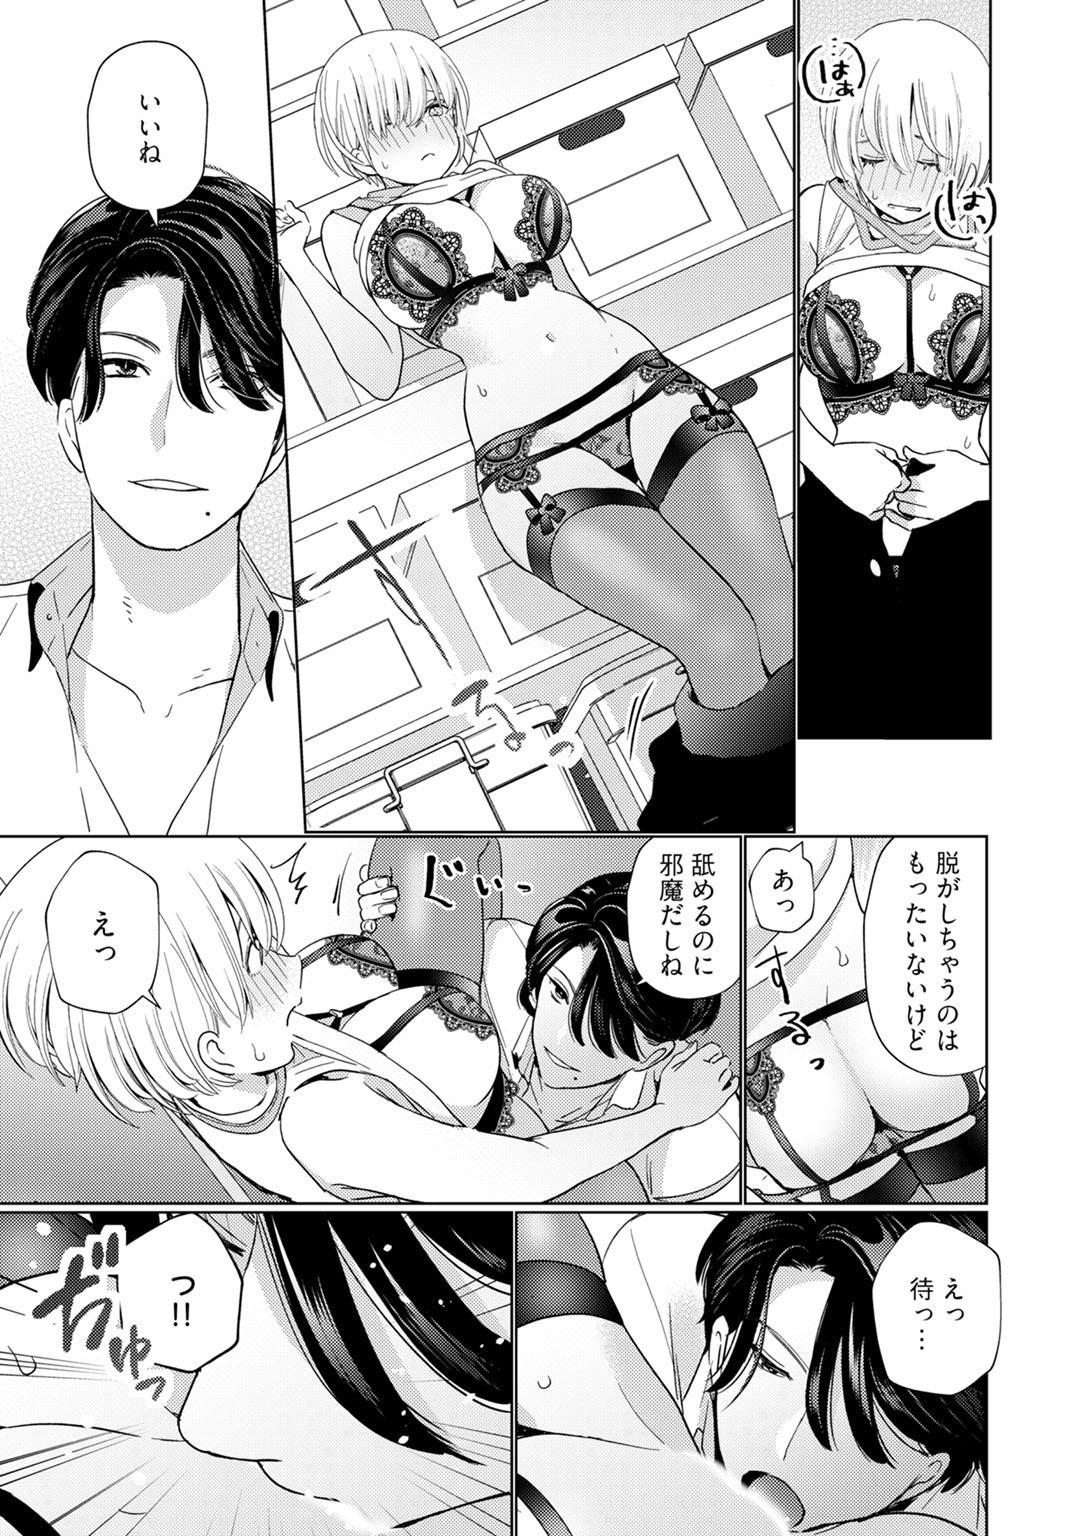 [Okonogi Happa] Kyonyuu-chan to Kyokon Joushi -Kaisha de Musabori Sex- act. 2 28